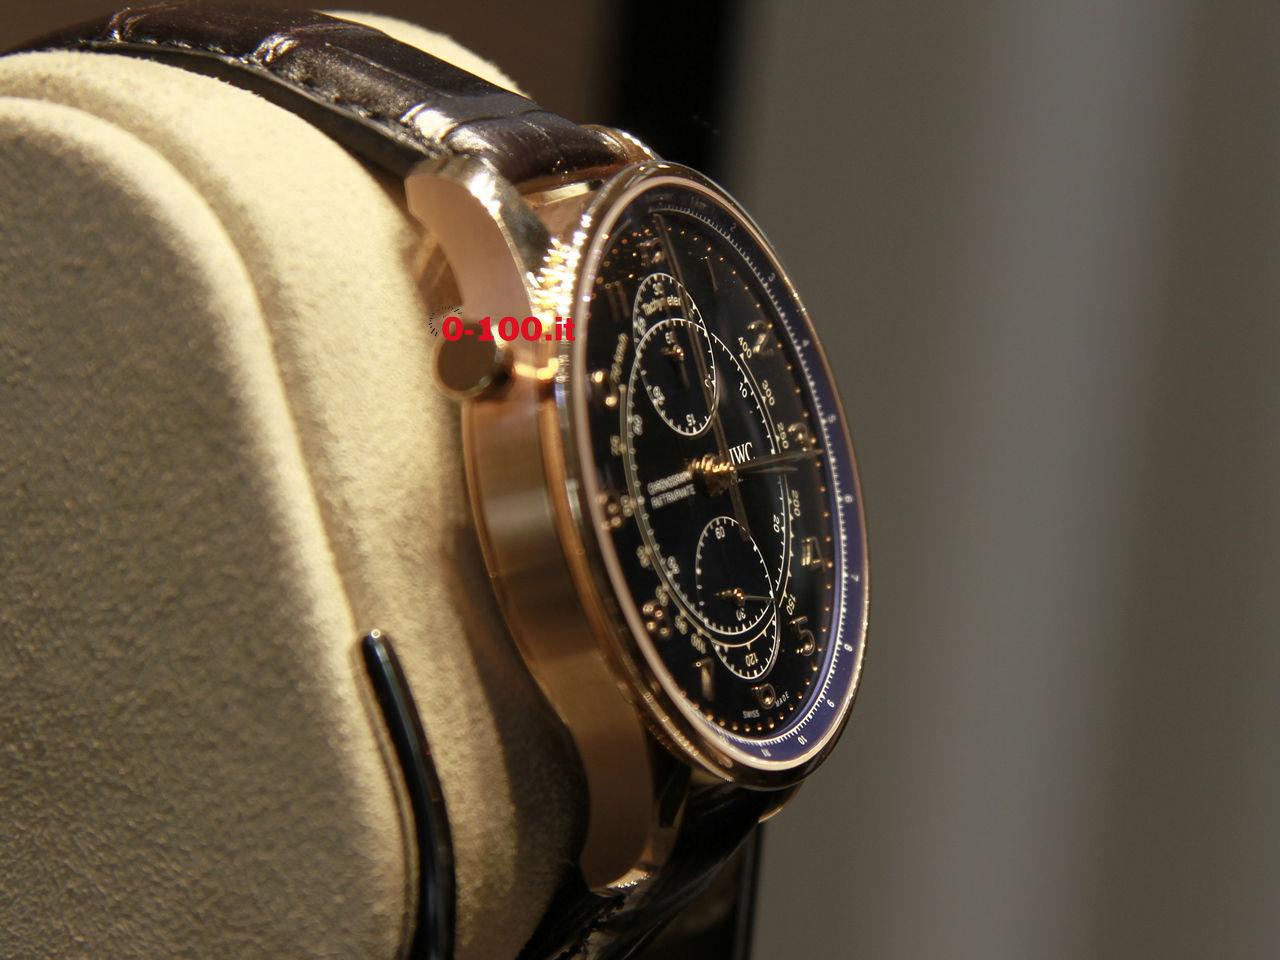 iwc-portugieser-chronograph-rattrapante-edition-boutique-milano_0-100_10